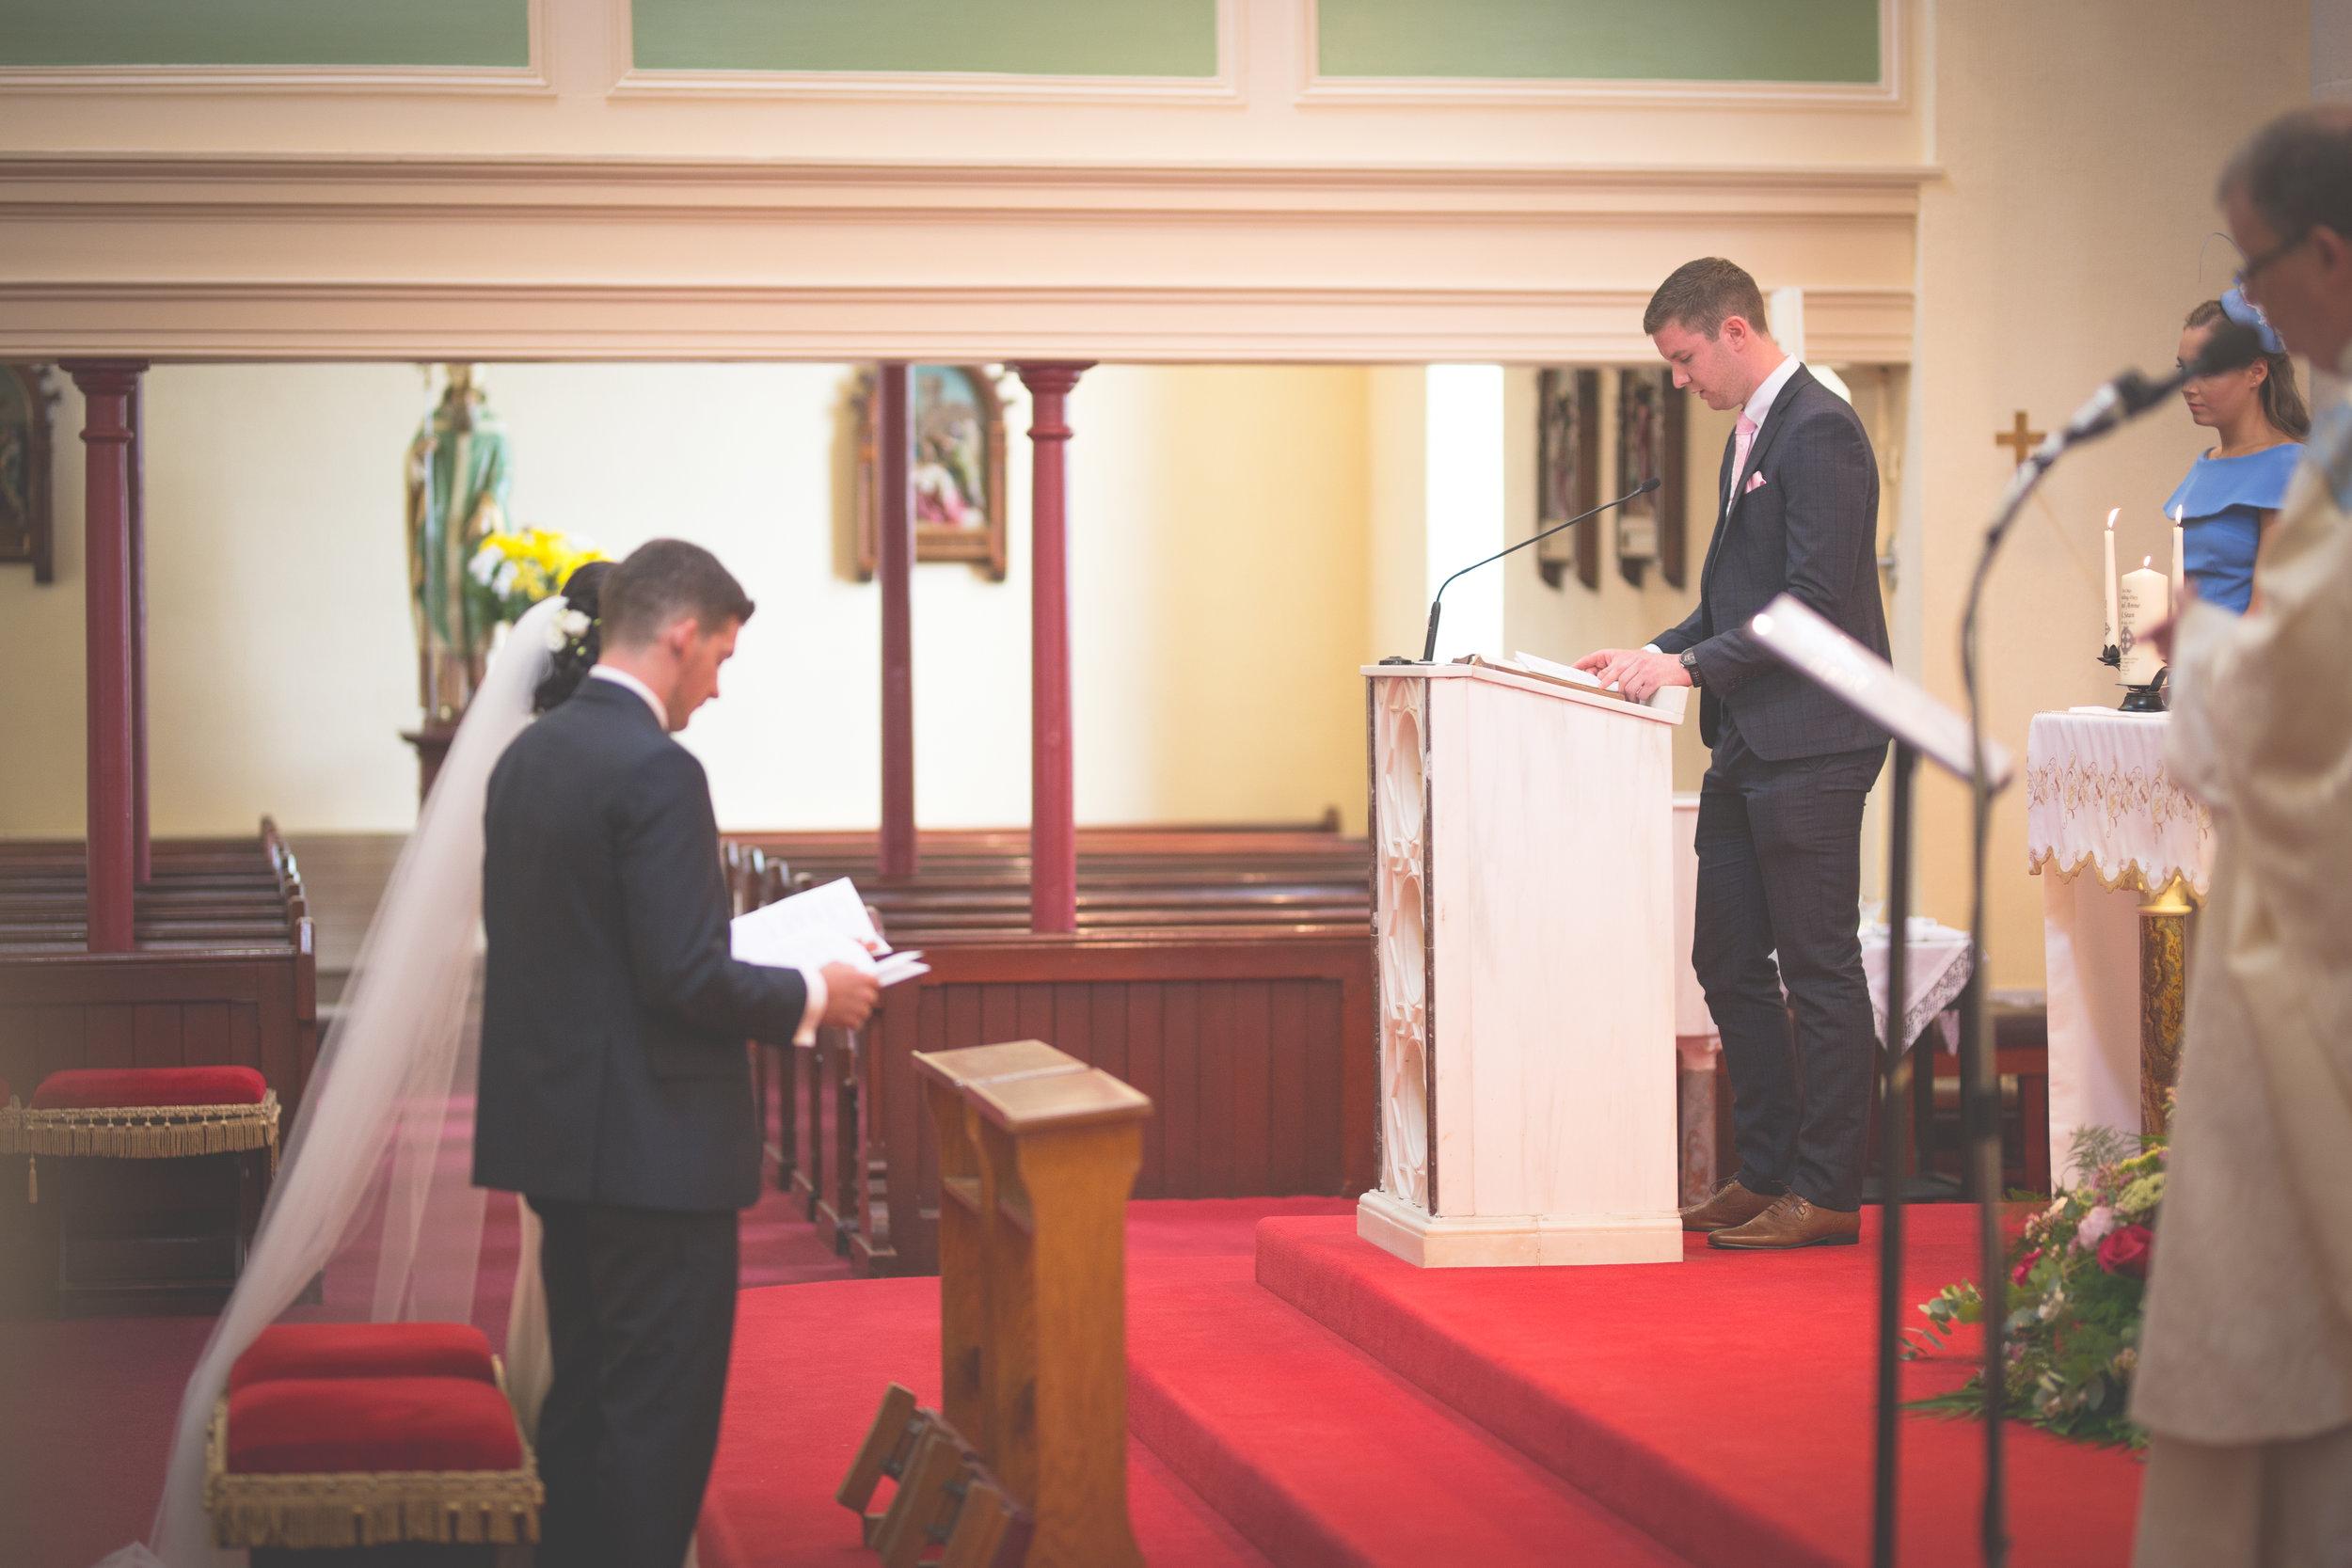 Brian McEwan Wedding Photography   Carol-Anne & Sean   The Ceremony-59.jpg